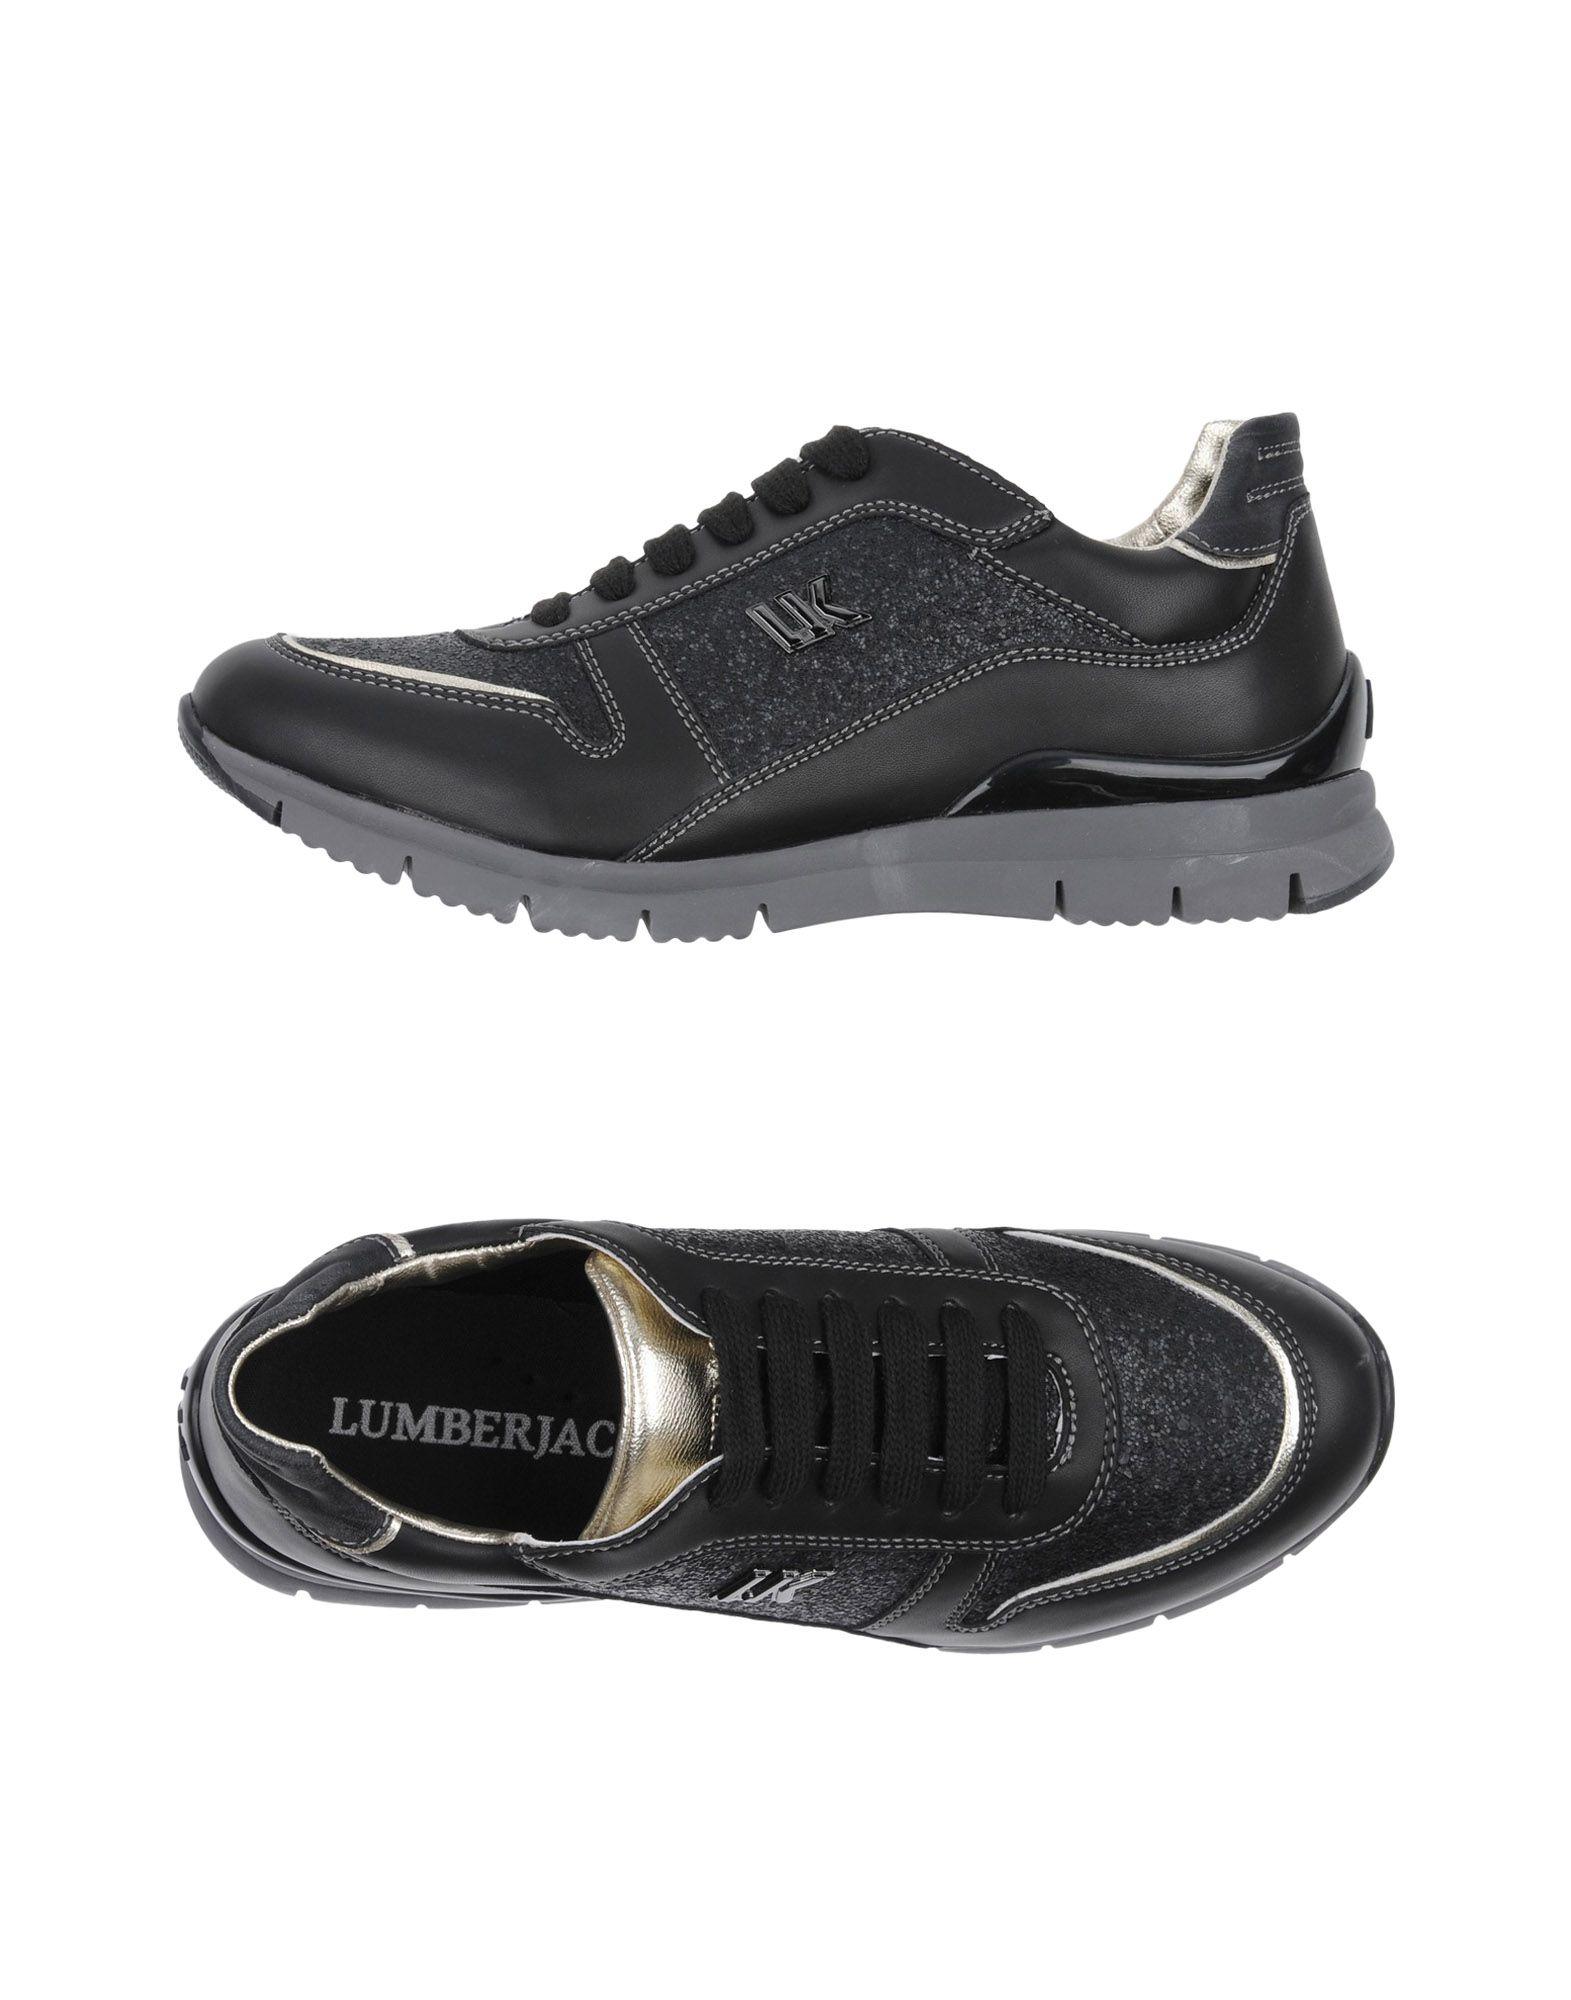 Lumberjack Sneakers Damen  11288824QE 11288824QE  Heiße Schuhe 033b2f